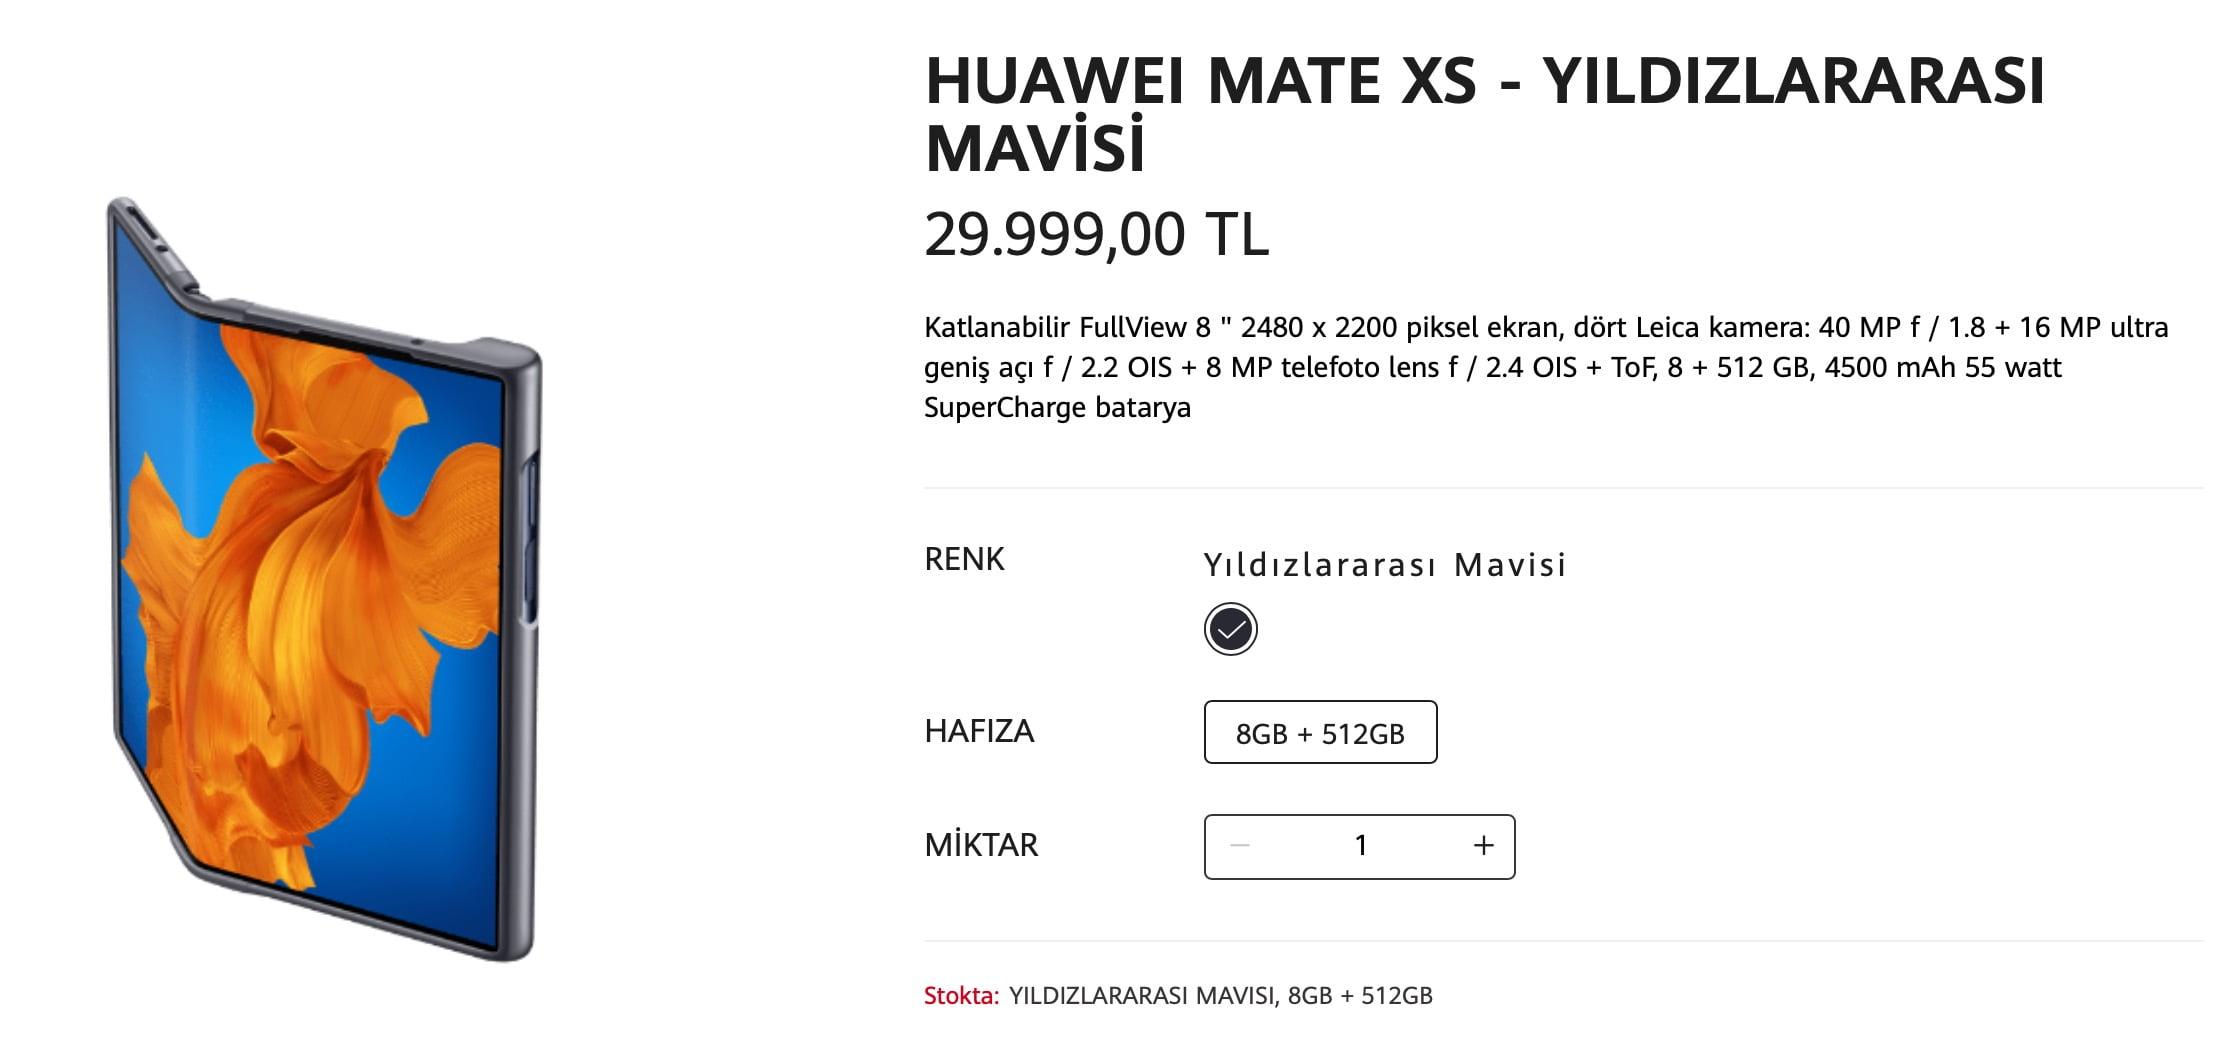 Huawei Mate Xs Türkiye fiyatı